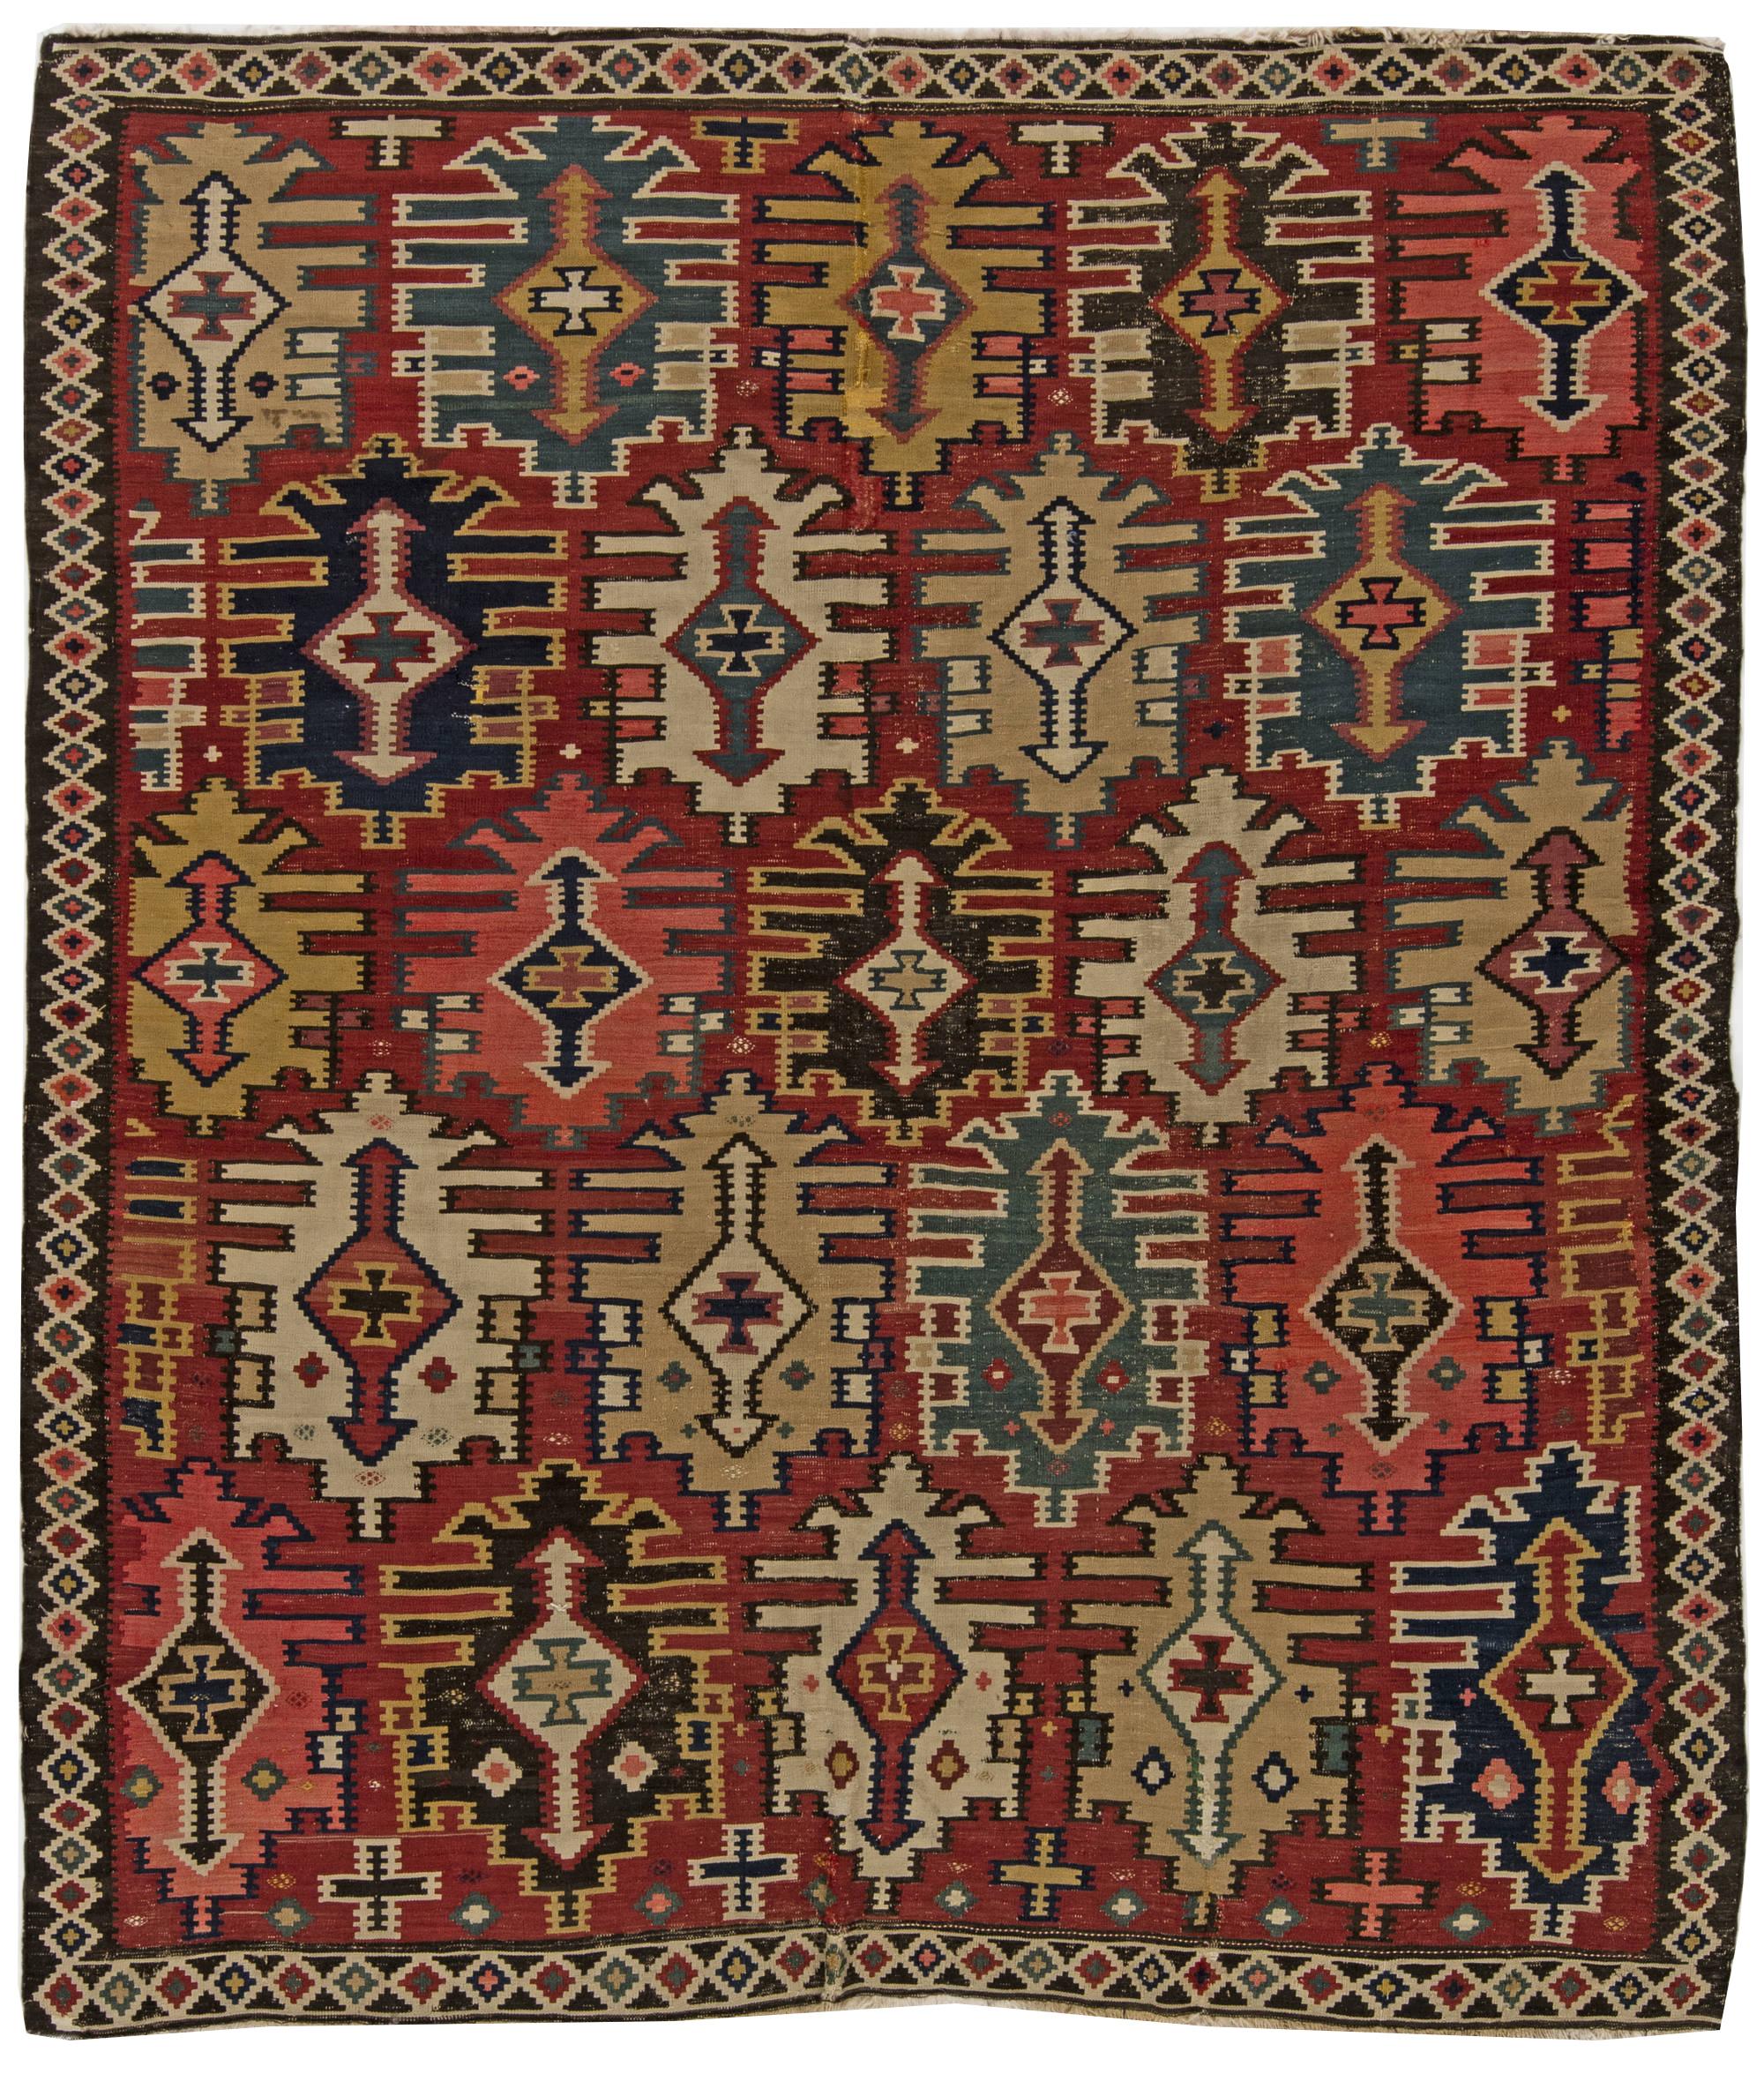 turkish rug vintage turkish kilim rug bb6268. arrow down  47161db02bae4ef92bdede423862e8f0c2b91f81311572b5a8bb90eef3001a34 GXIOGDW